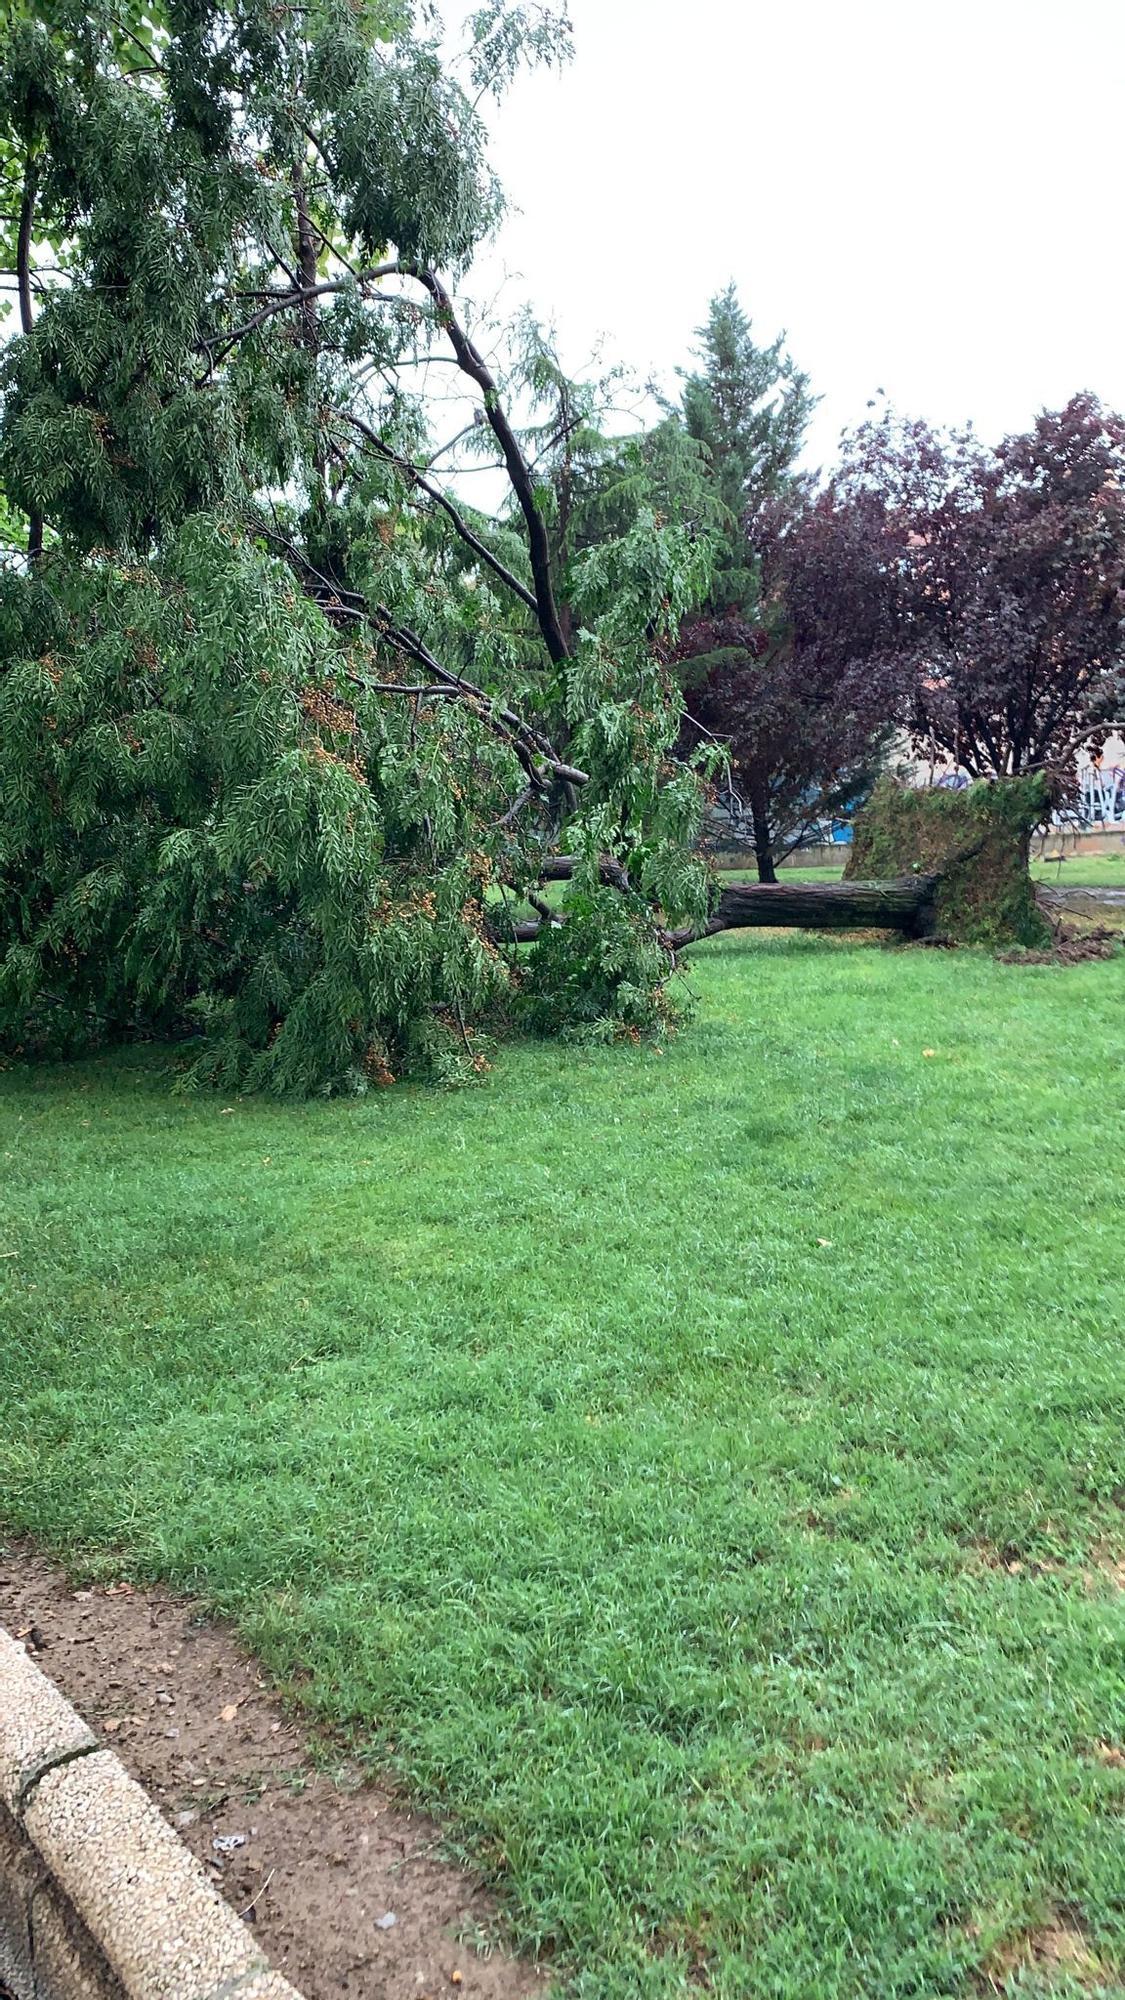 Un árbol caído tras la tormenta